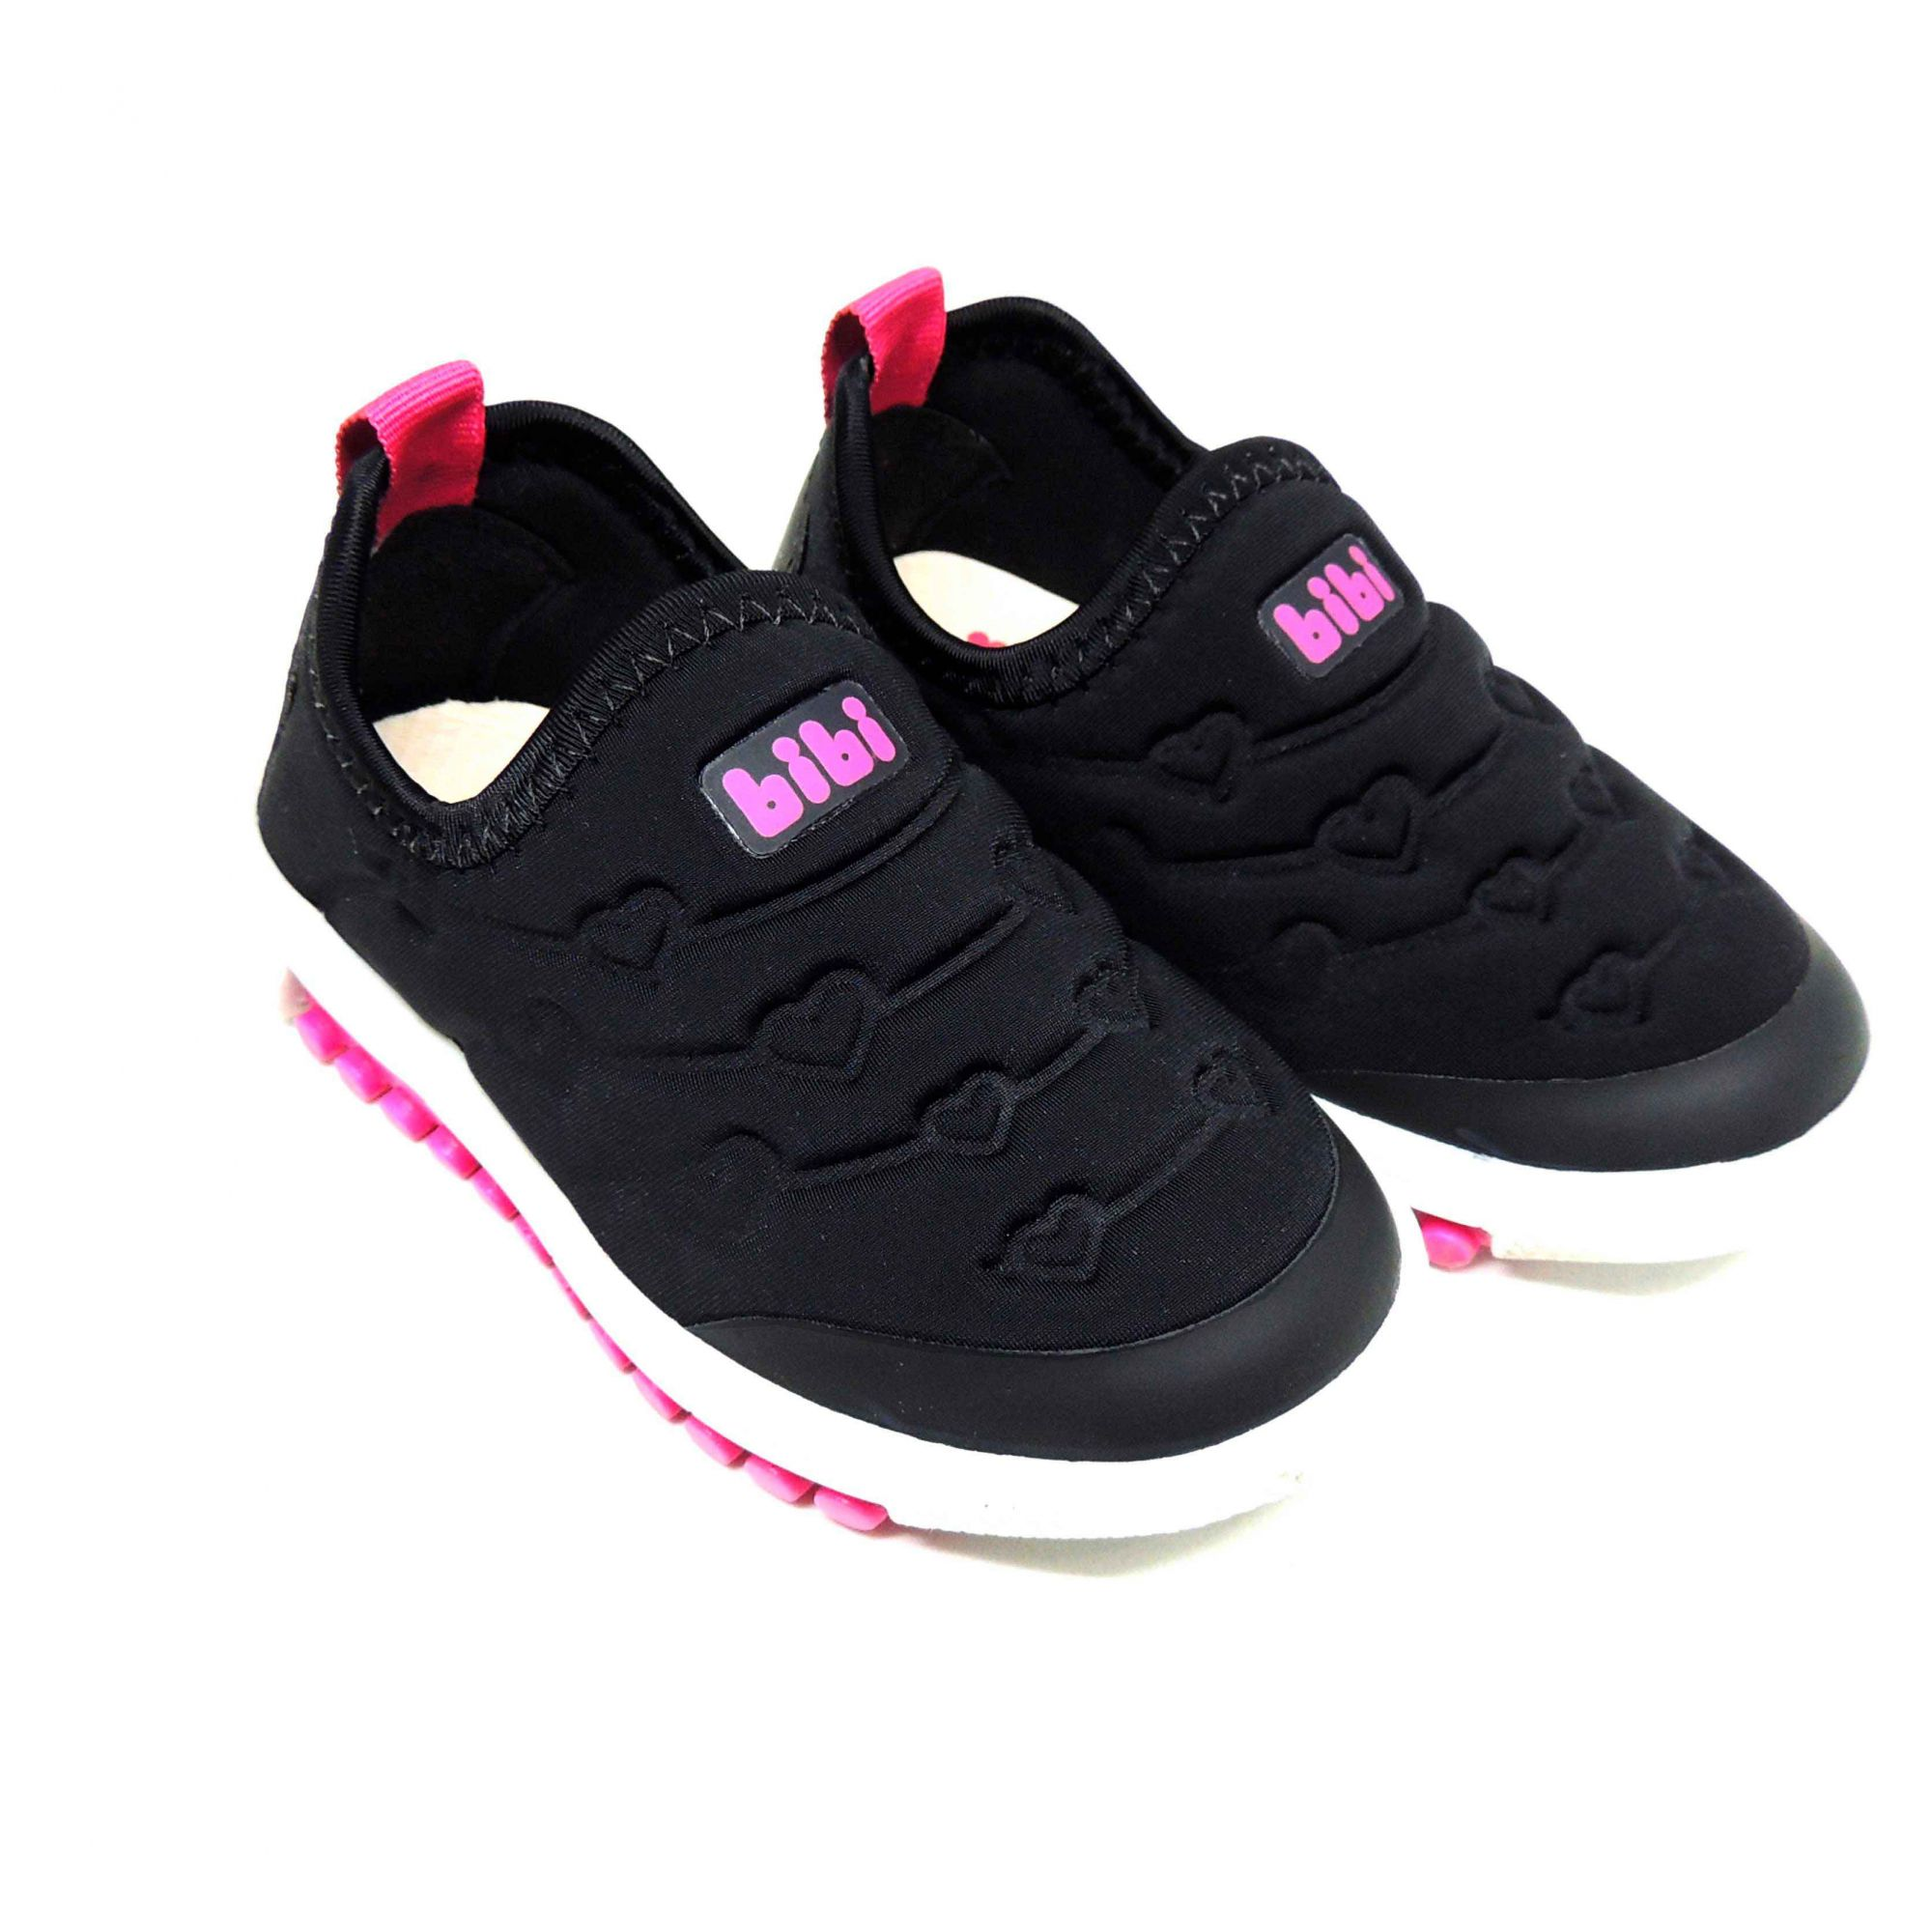 b830cbcbf Tênis Bibi Roller New Preto E Pink - Pé Tuquinho Calçados e Moda ...